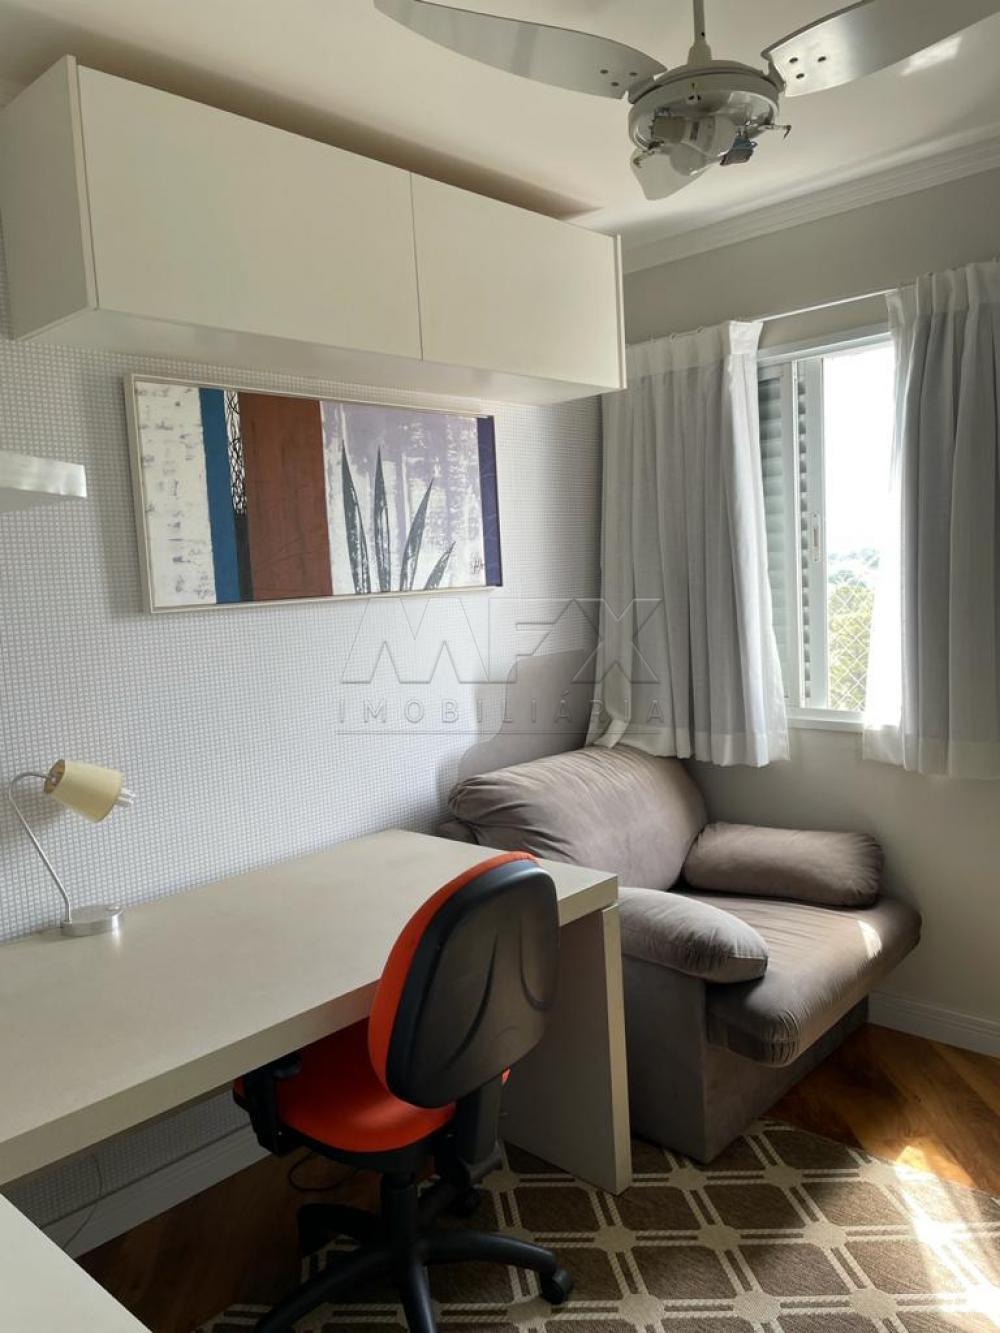 Comprar Apartamento / Padrão em Bauru R$ 420.000,00 - Foto 6